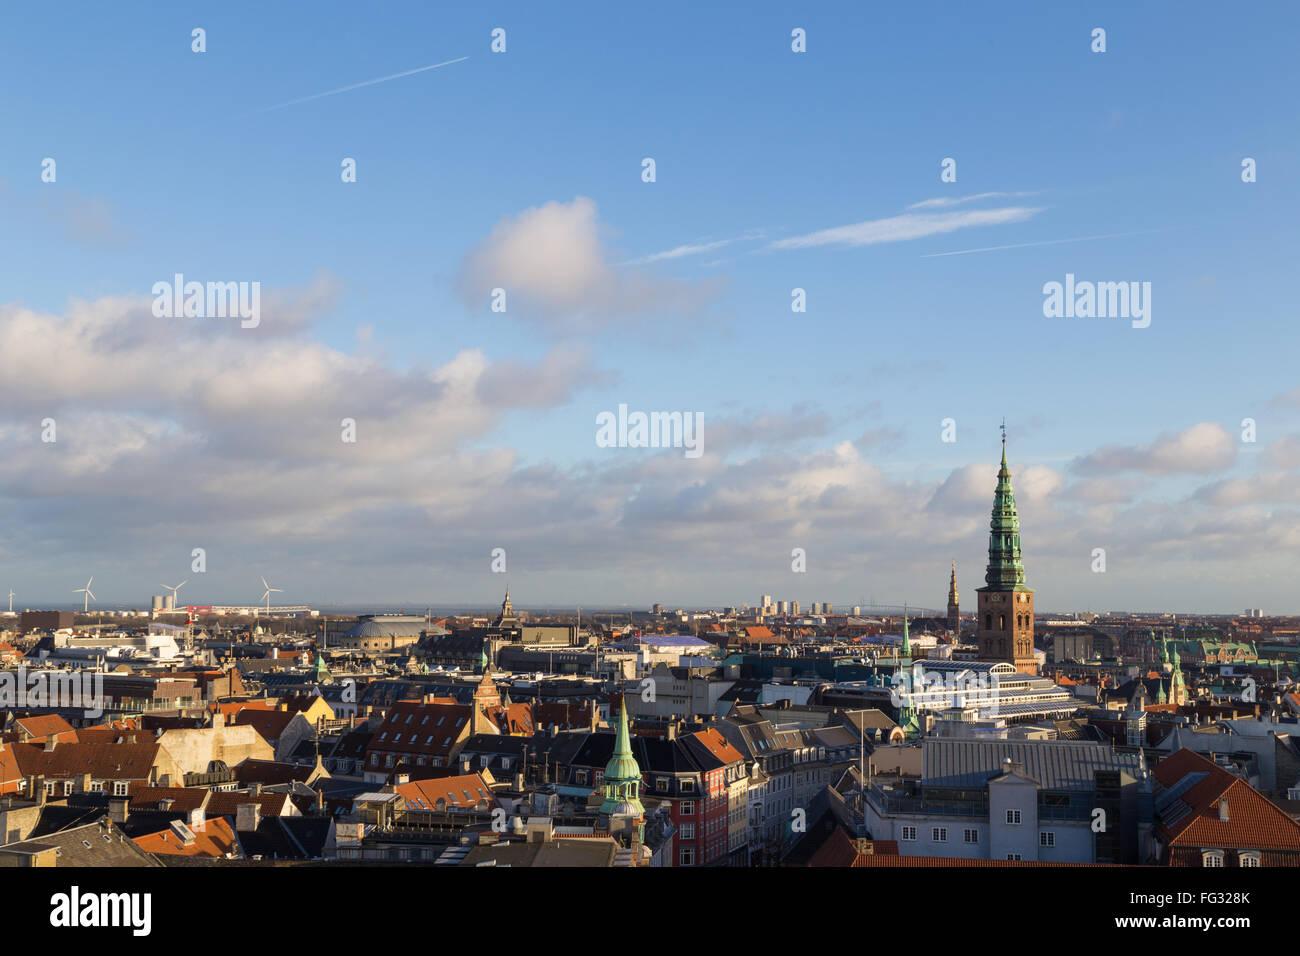 Copenhagen, Danimarca - 3 Febbraio 2016: veduta dello skyline dalla torre circolare. Immagini Stock